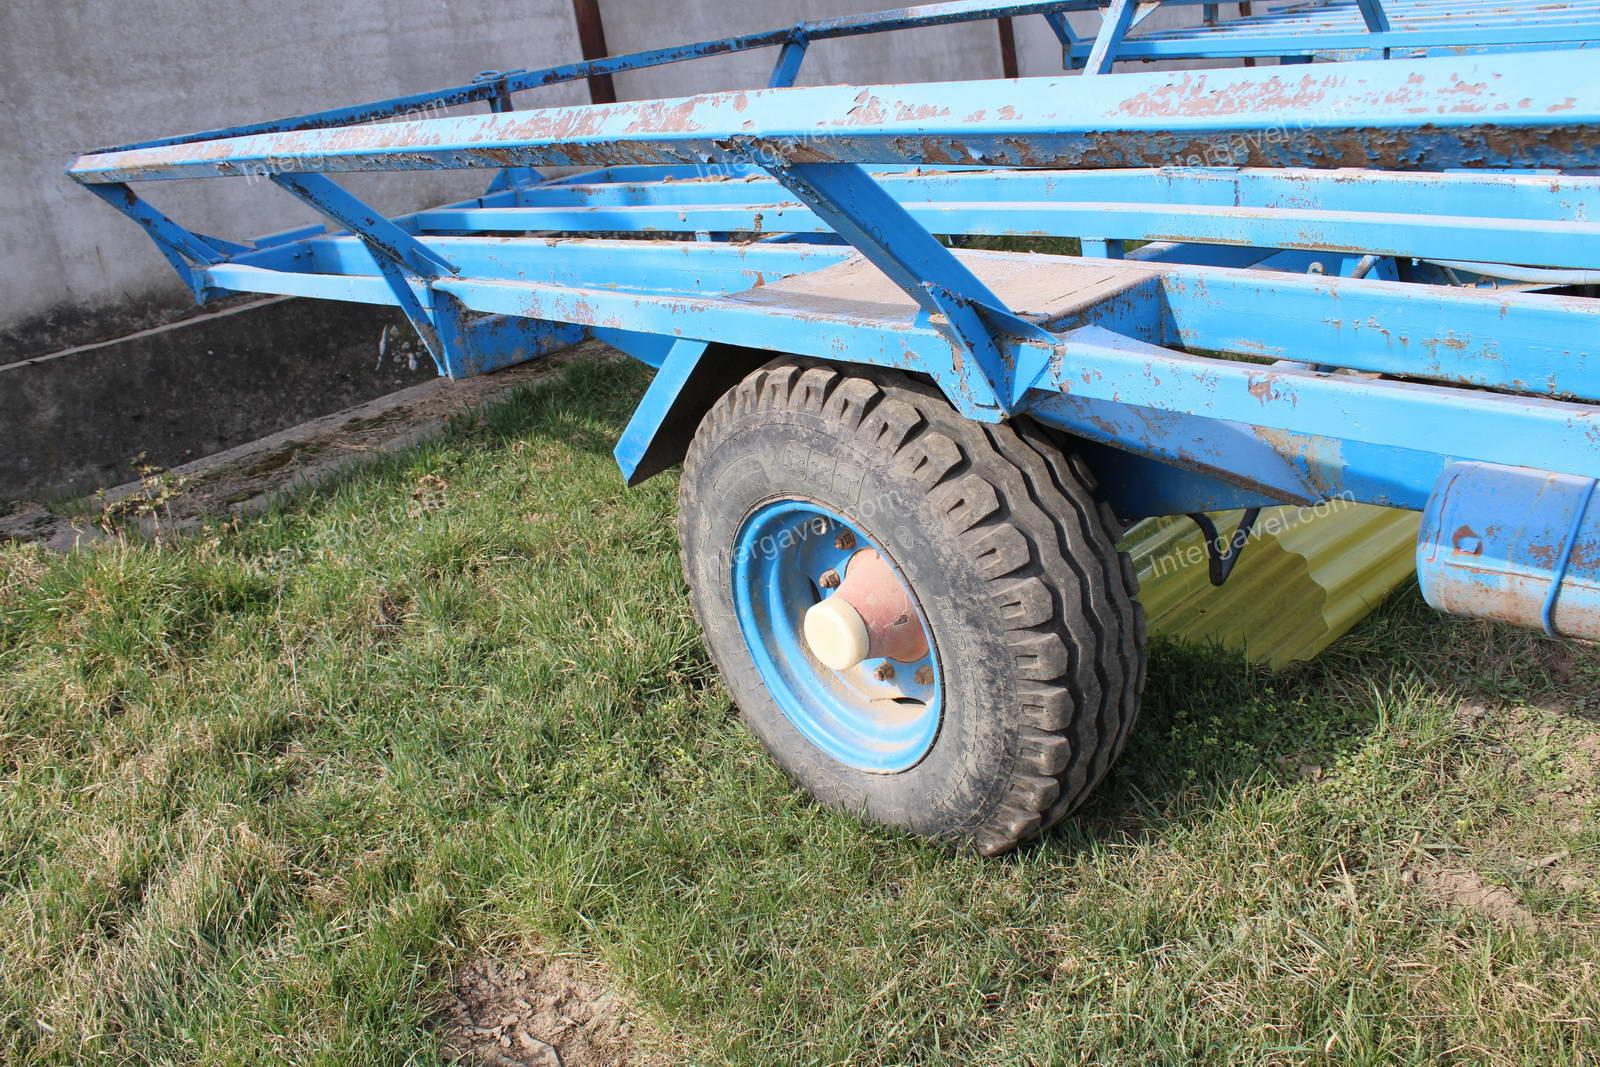 Bale trailer - Hódgép, BSZP-10